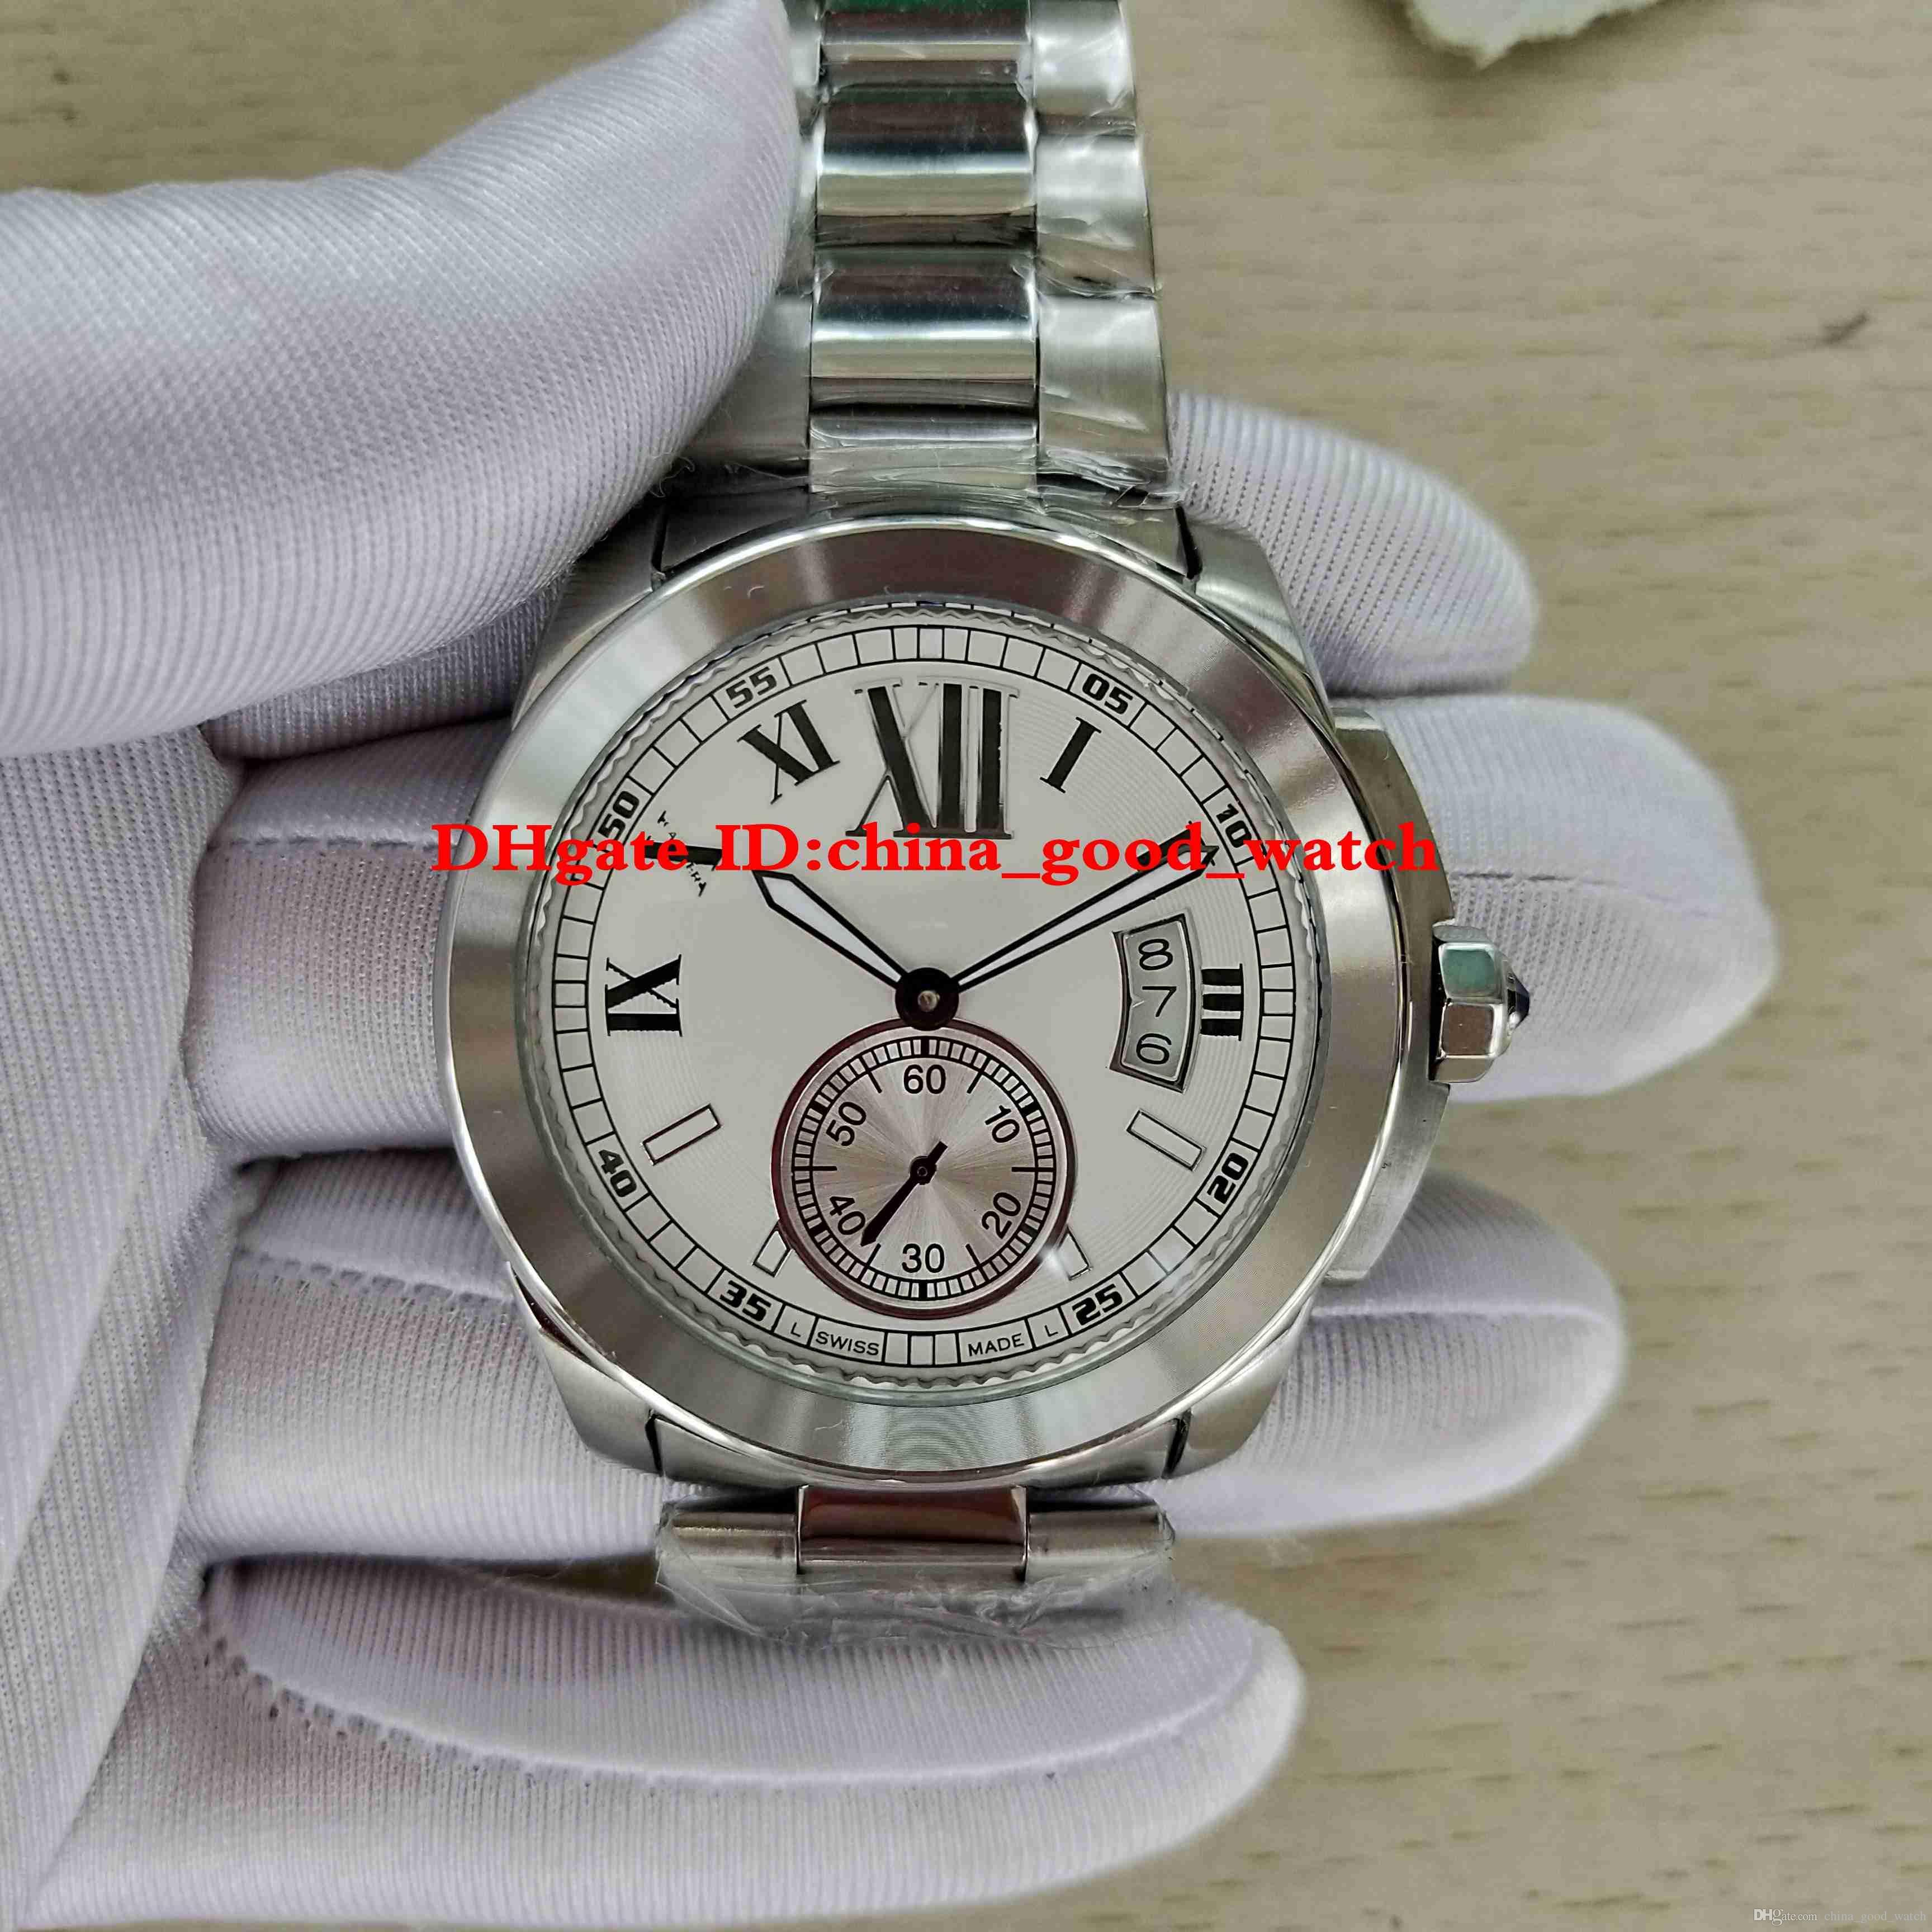 d32d56830b1 Compre Aaa +++ Relógio De Luxo Melhor Qualidade Wsca0003 De Cinta De Aço  Inoxidável Automático Fecho Dobrável Maquina Mens Relógios Relógios De  Pulso De ...